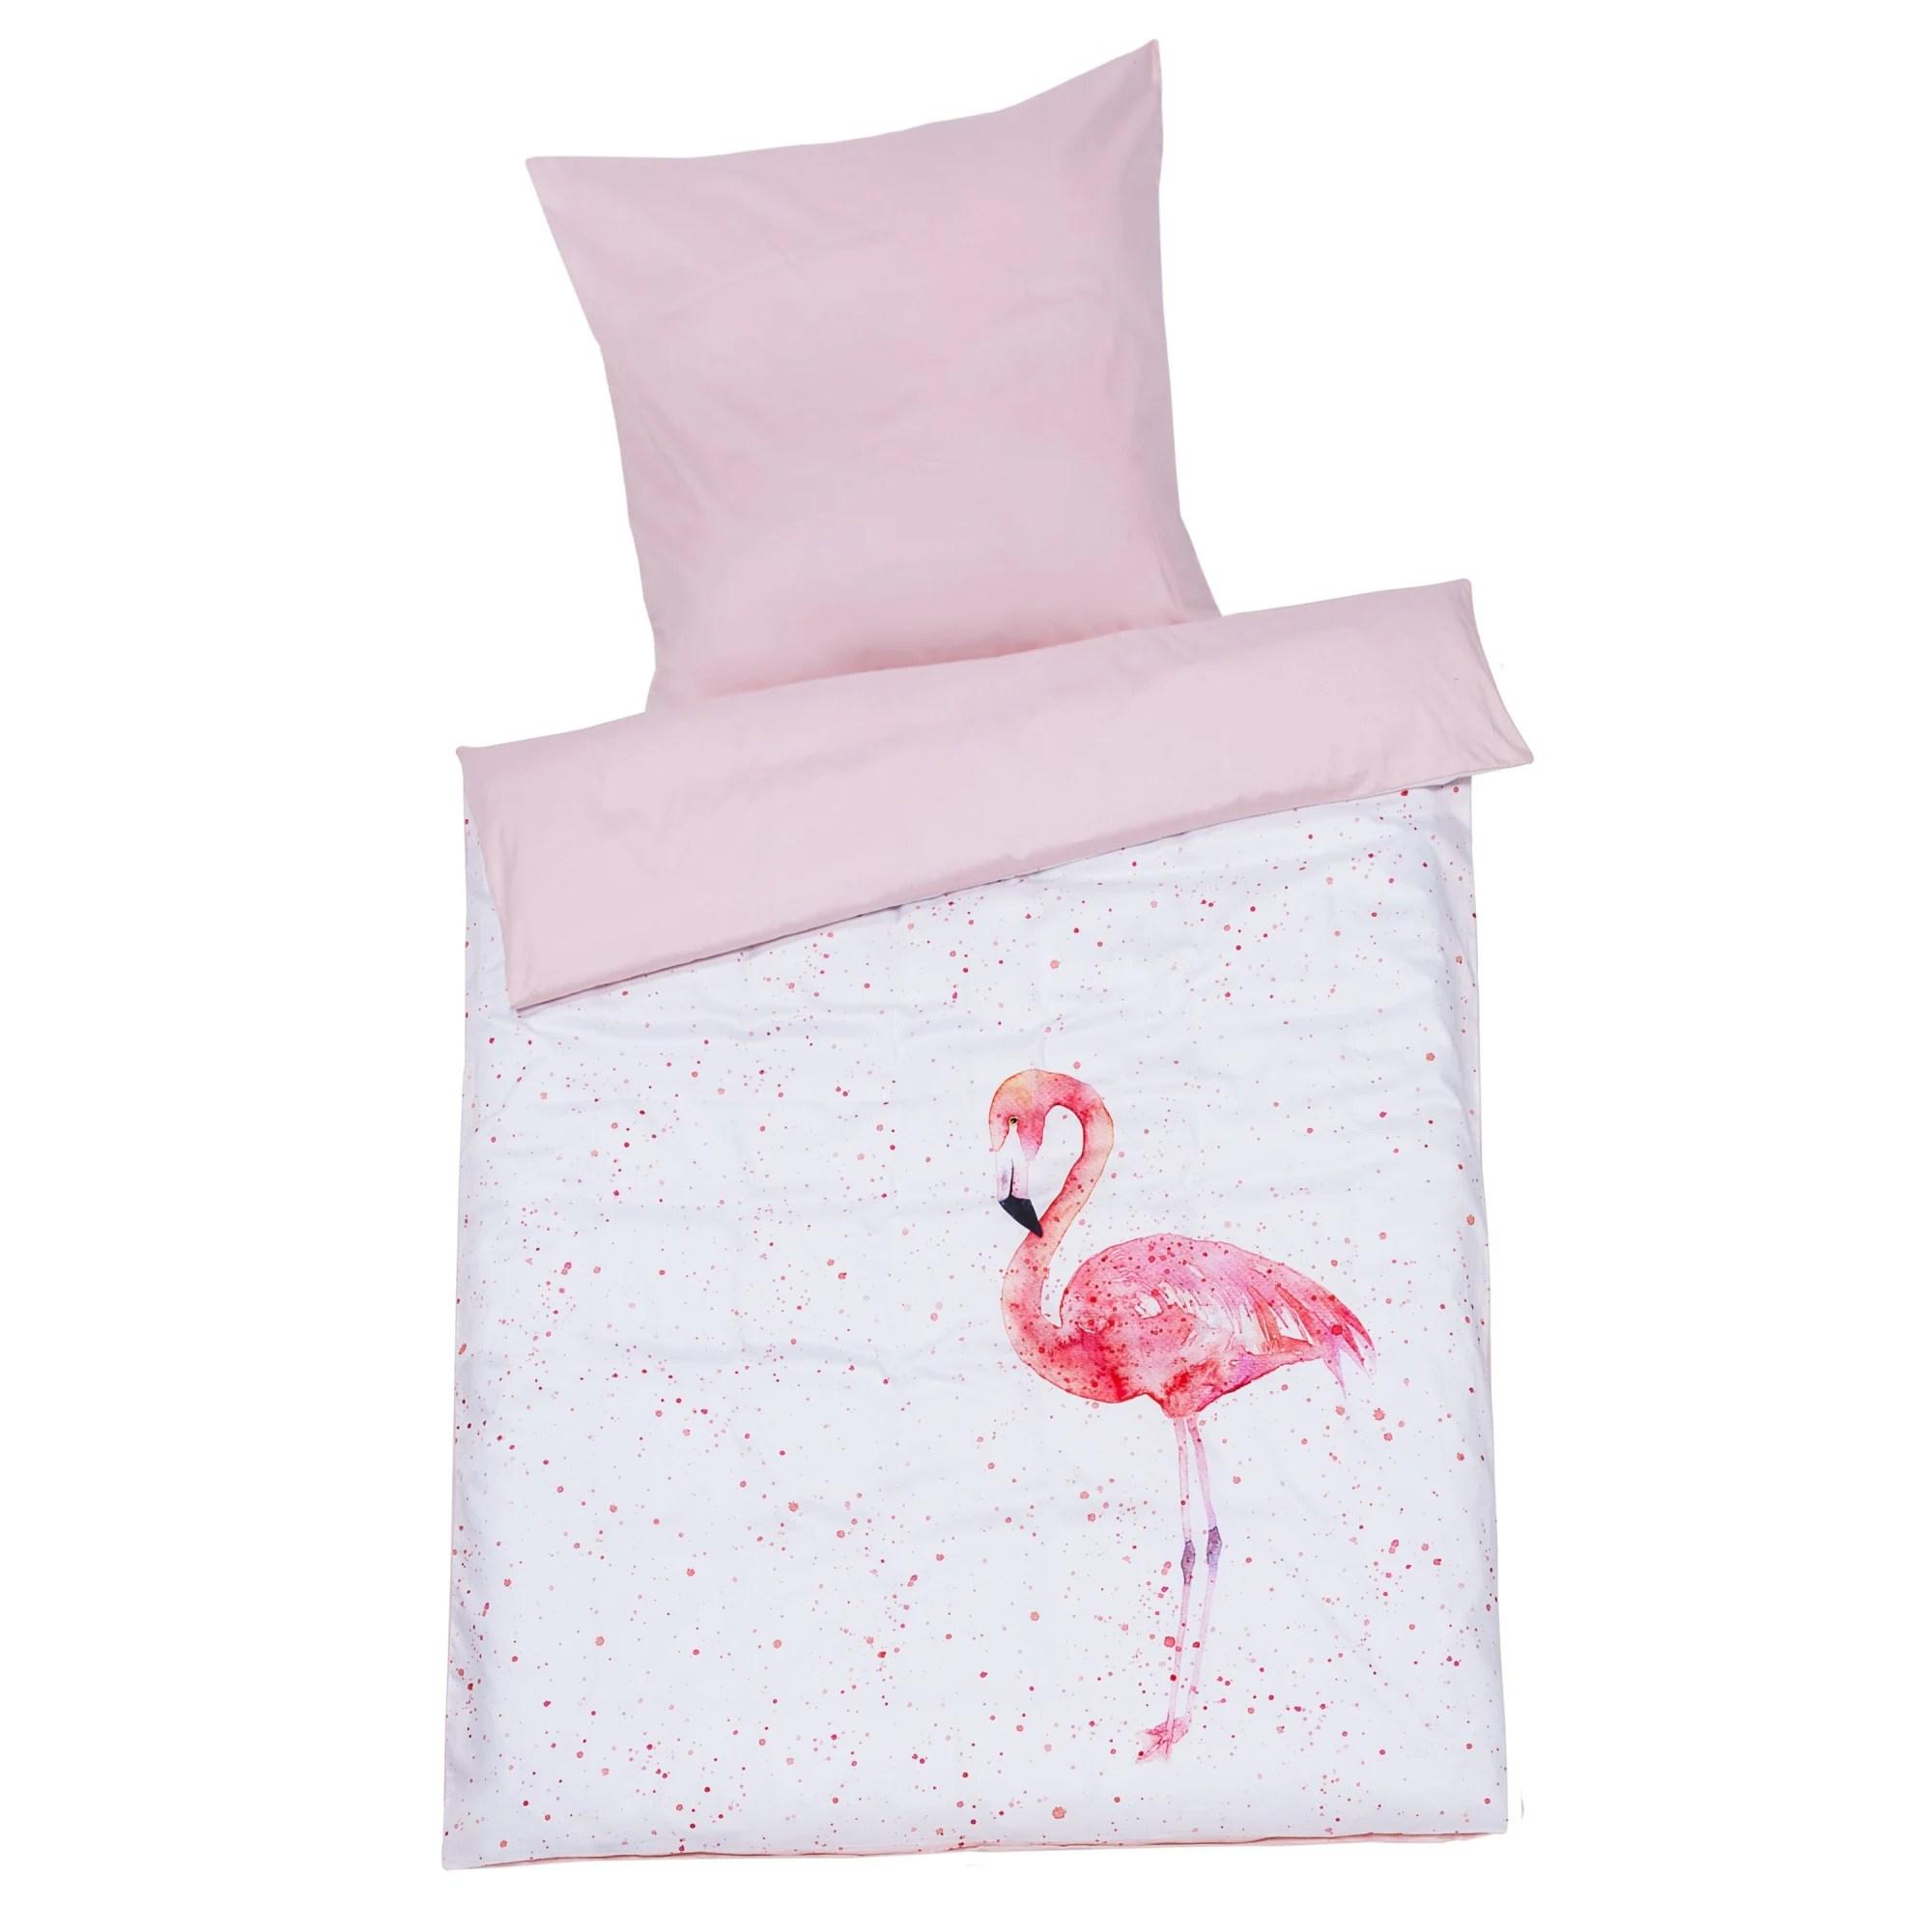 Bettwäsche Flamingo Seersucker Bettwäsche Sympathica